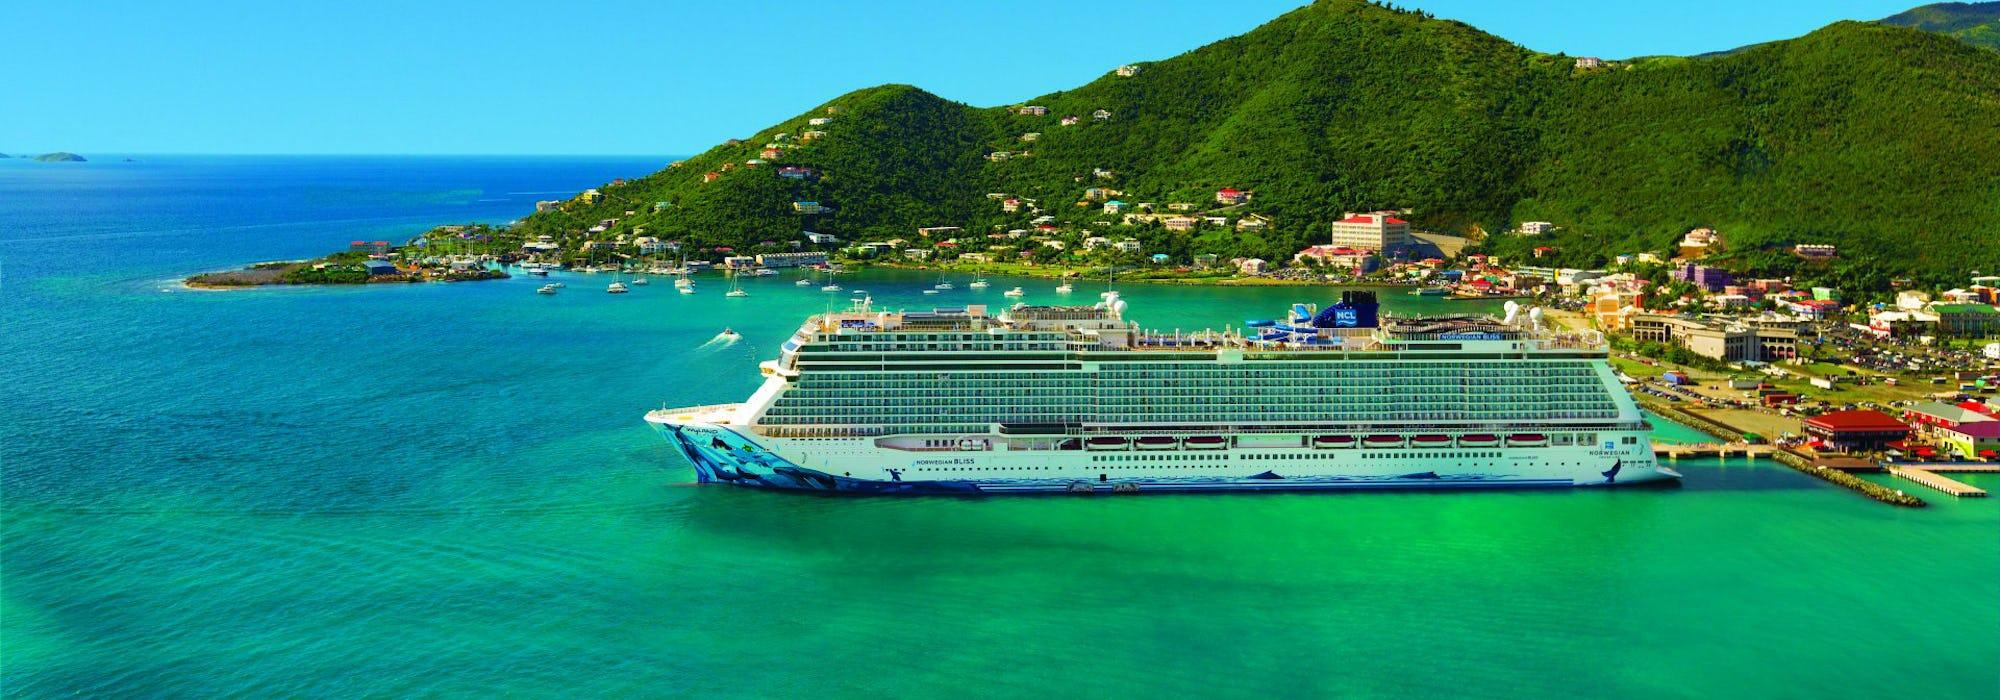 Norwegian Bliss ligger vid en hamn i Karibien.